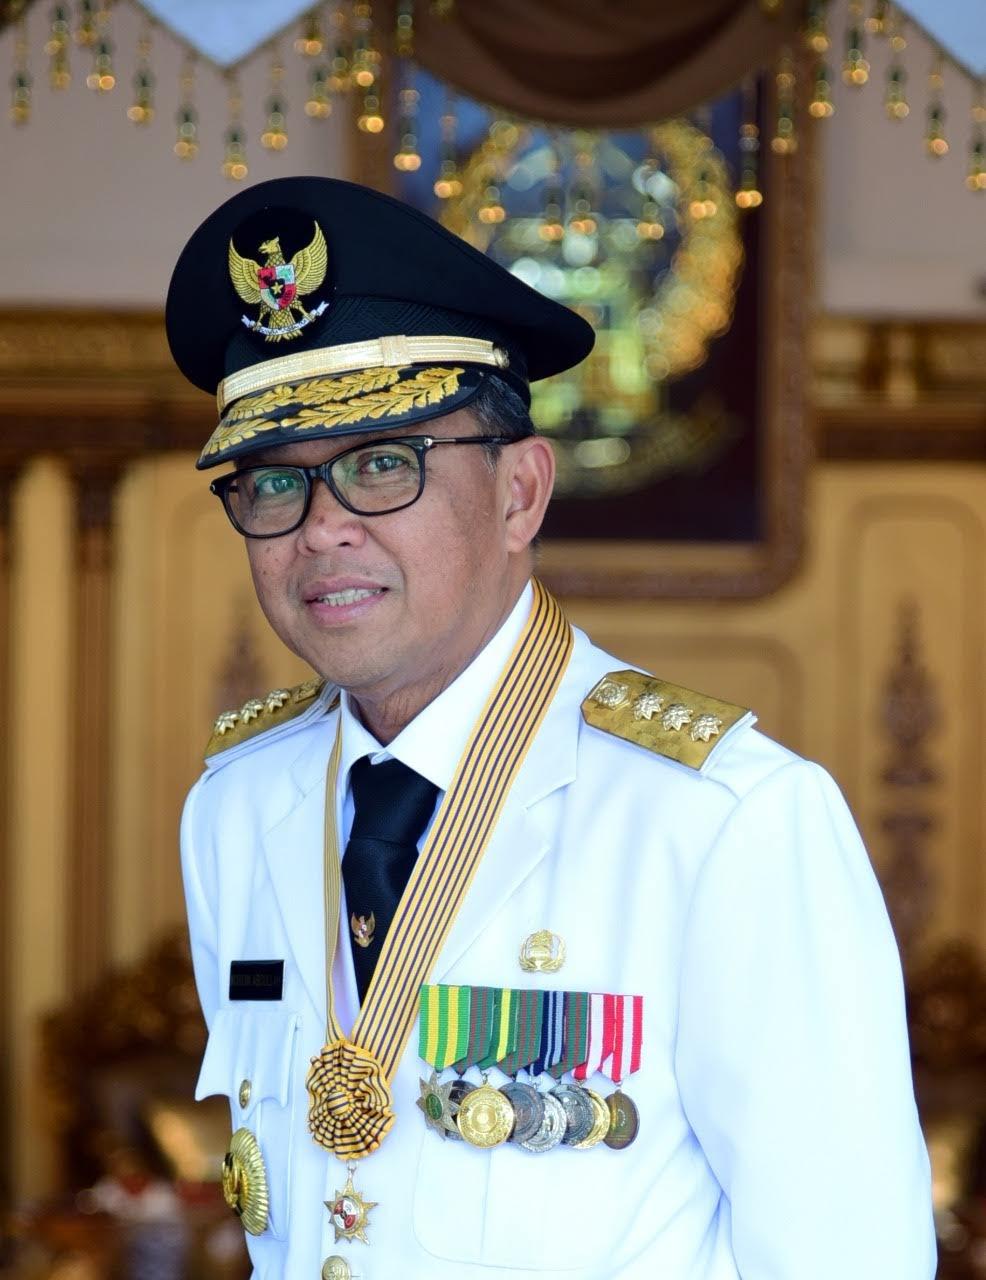 Gubernur Sulsel Hadirkan Pemerintahan di Sulsel yang Terbuka, Transparan dan Partisipatif